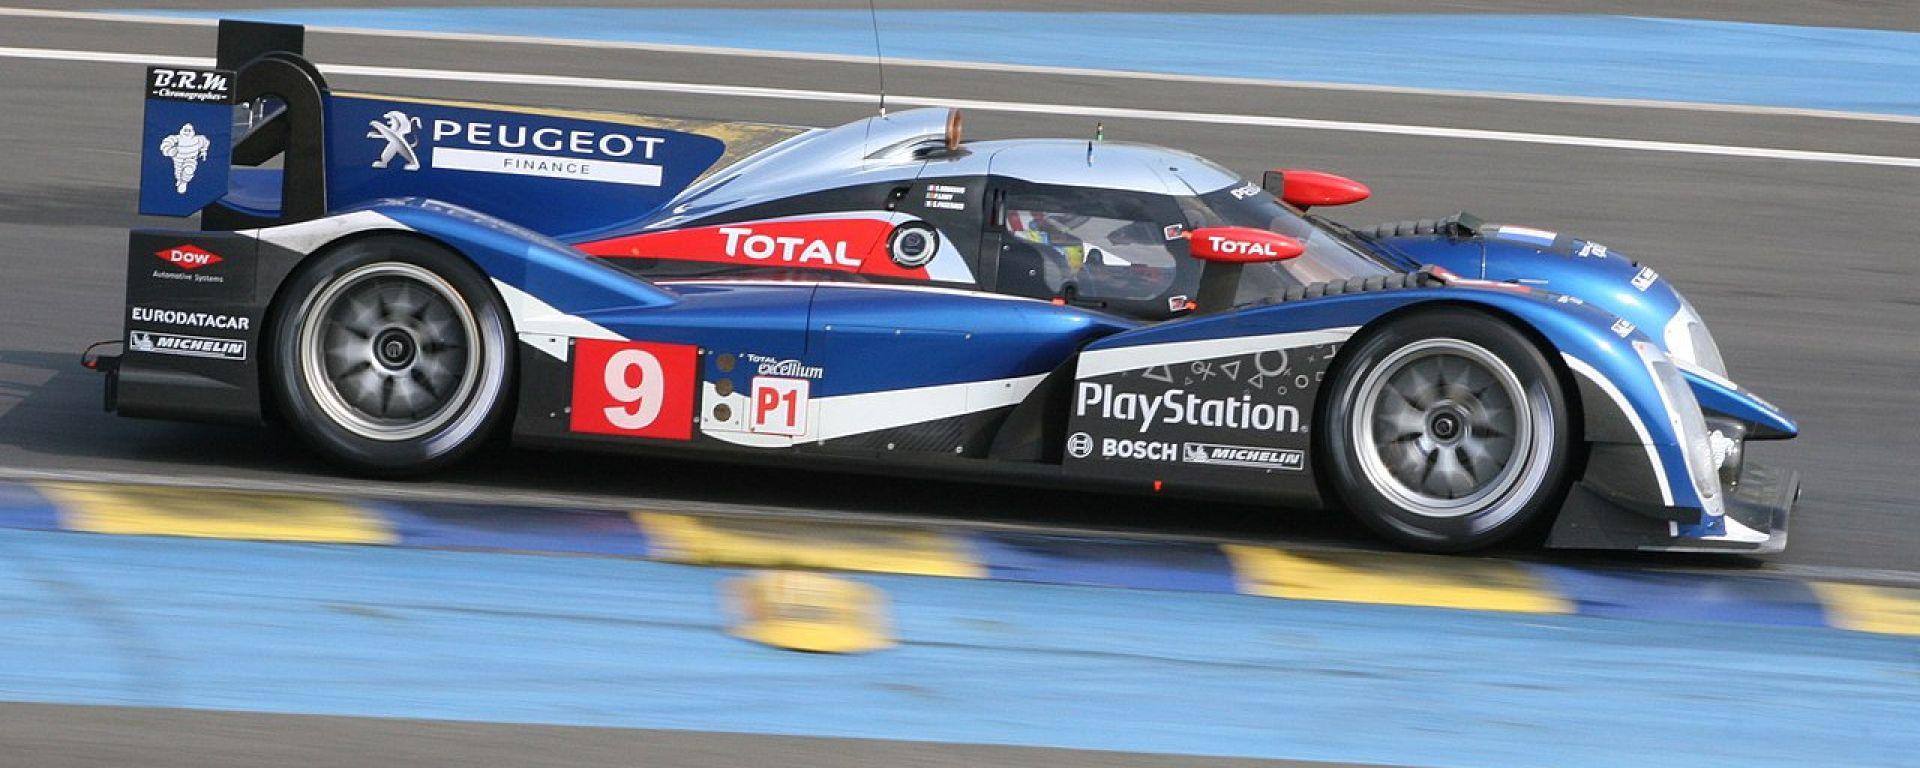 La Peugeot 908 impegnata nella 24 Ore di Le Mans 2011